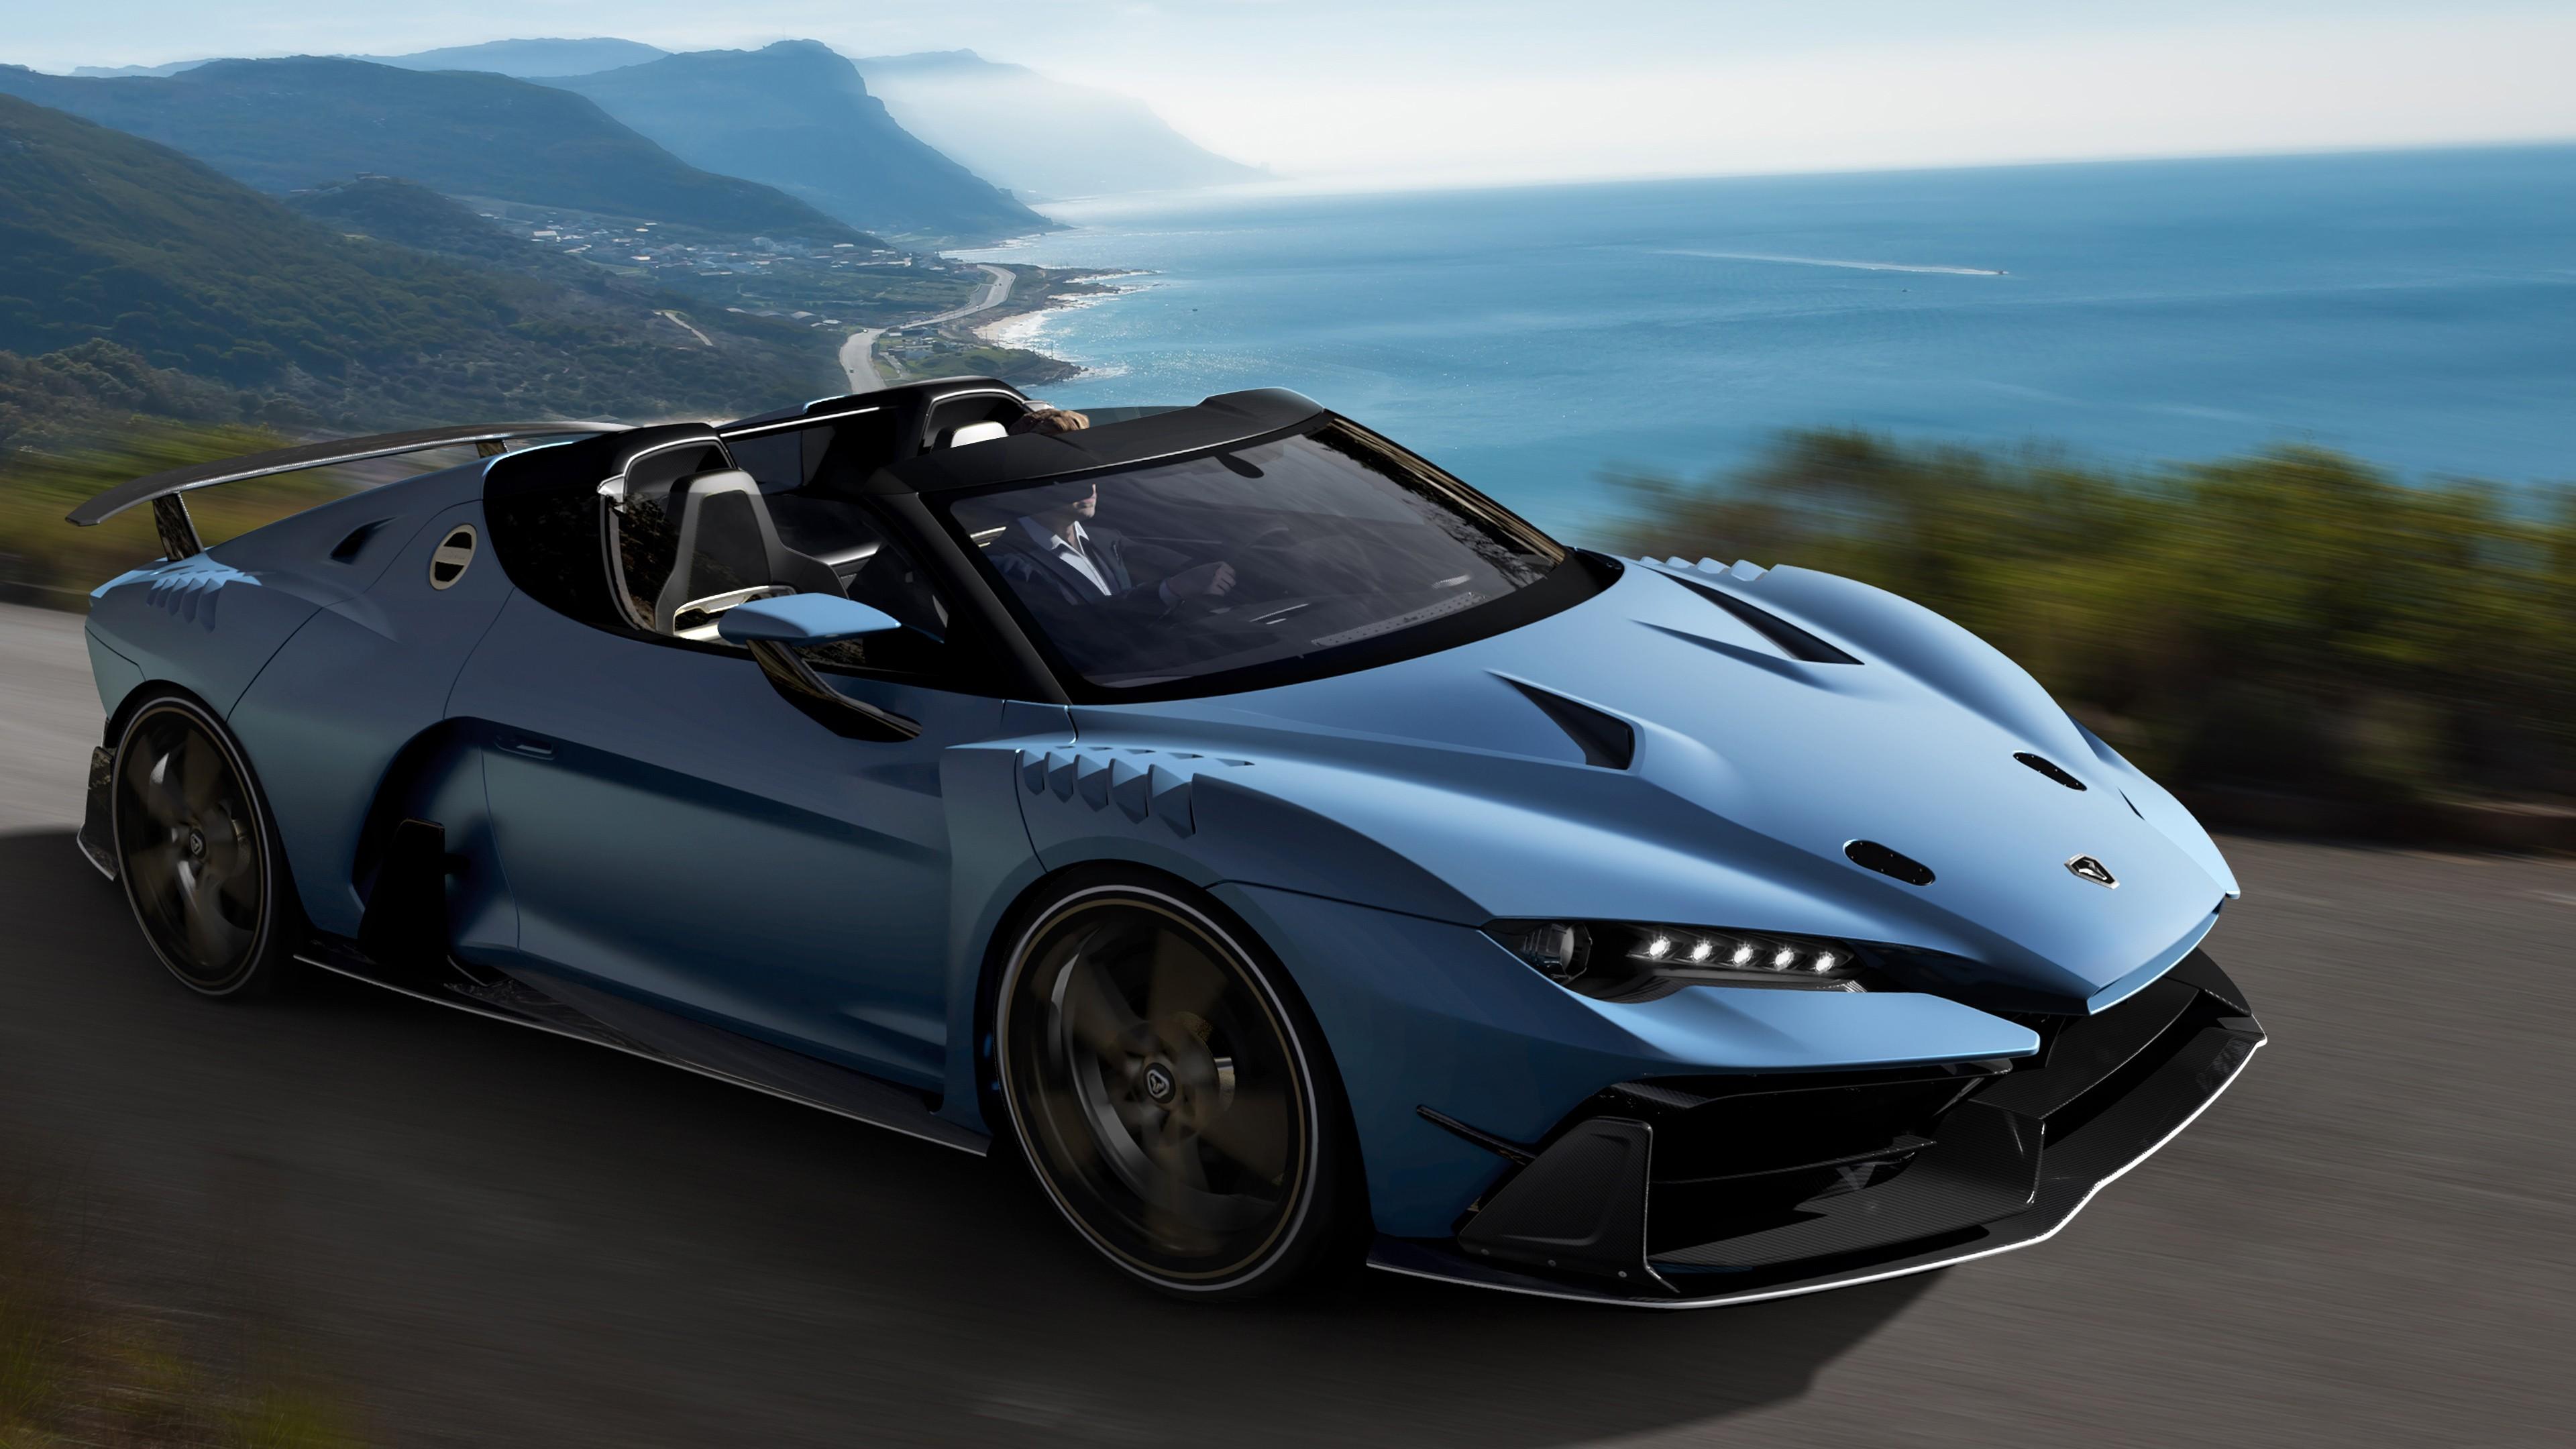 2018 Italdesign Zerouno Duerta 4K 5 Wallpaper HD Car